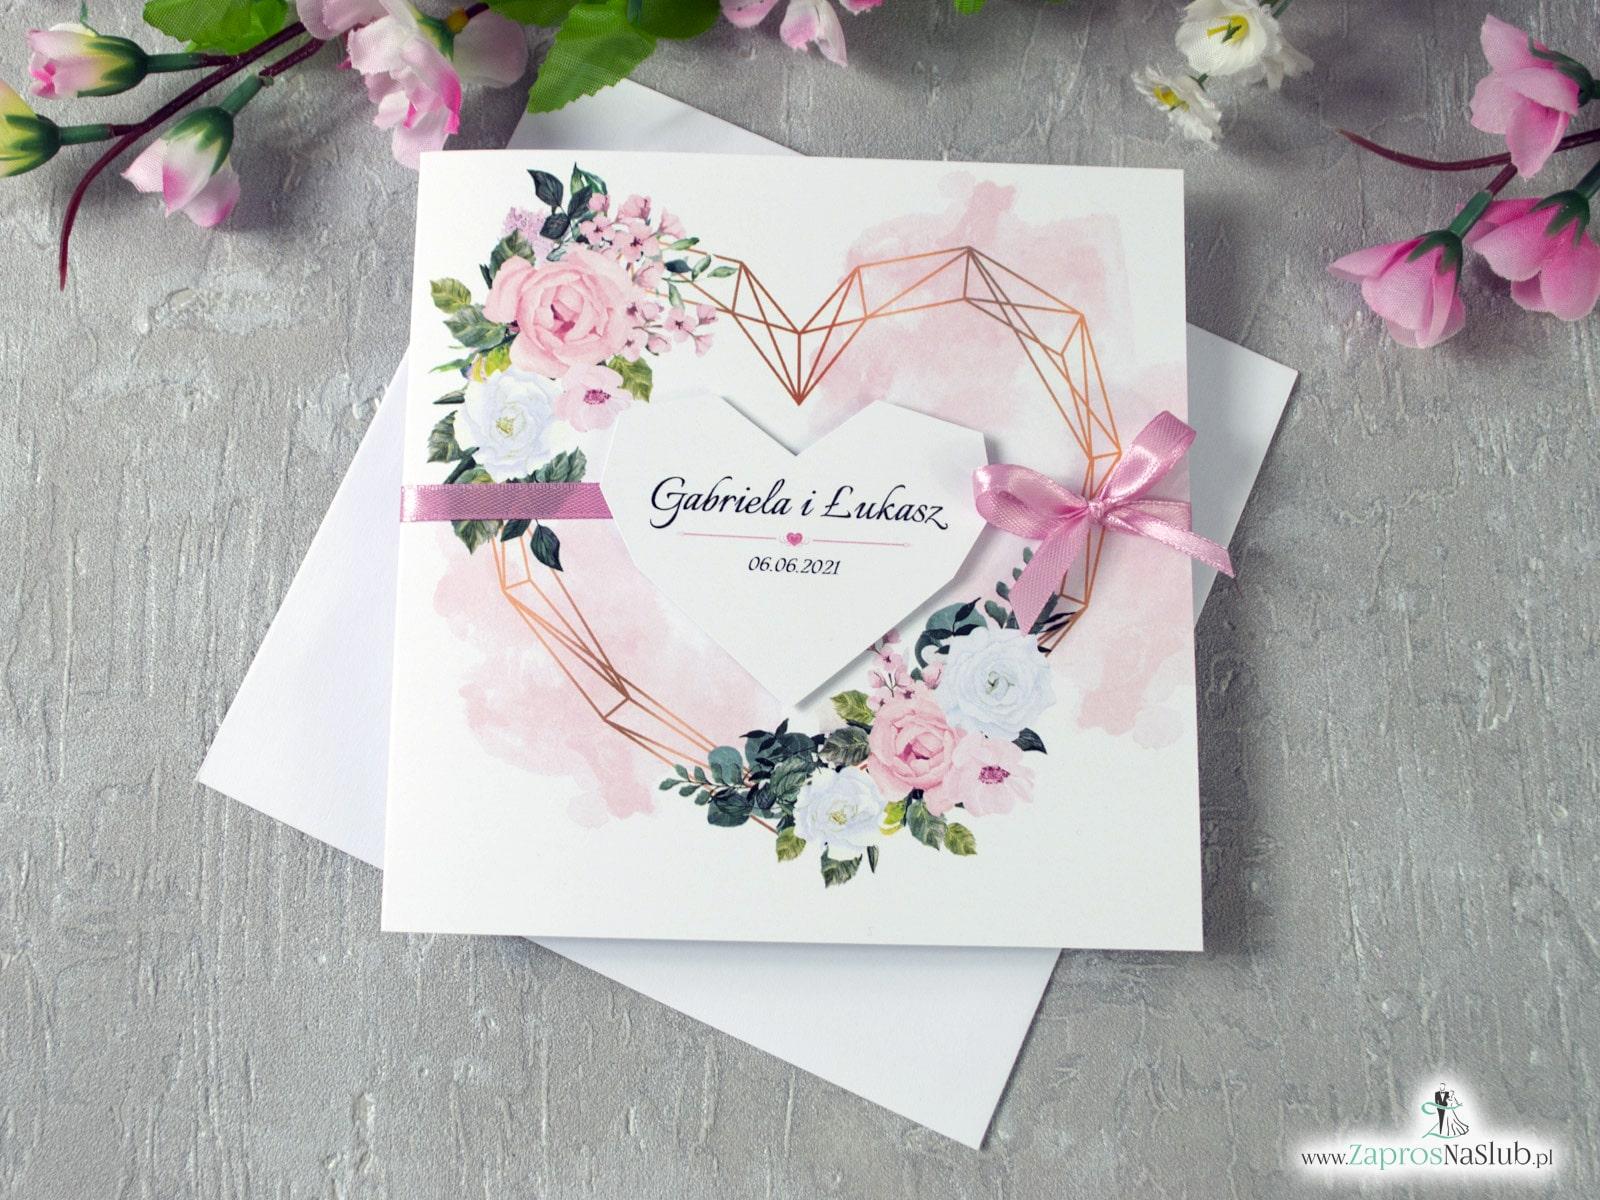 Zaproszenia ślubne z kwiatami w delikatnych odcieniach różu i bieli oraz geometrycznym sercem. ZAP-41-12